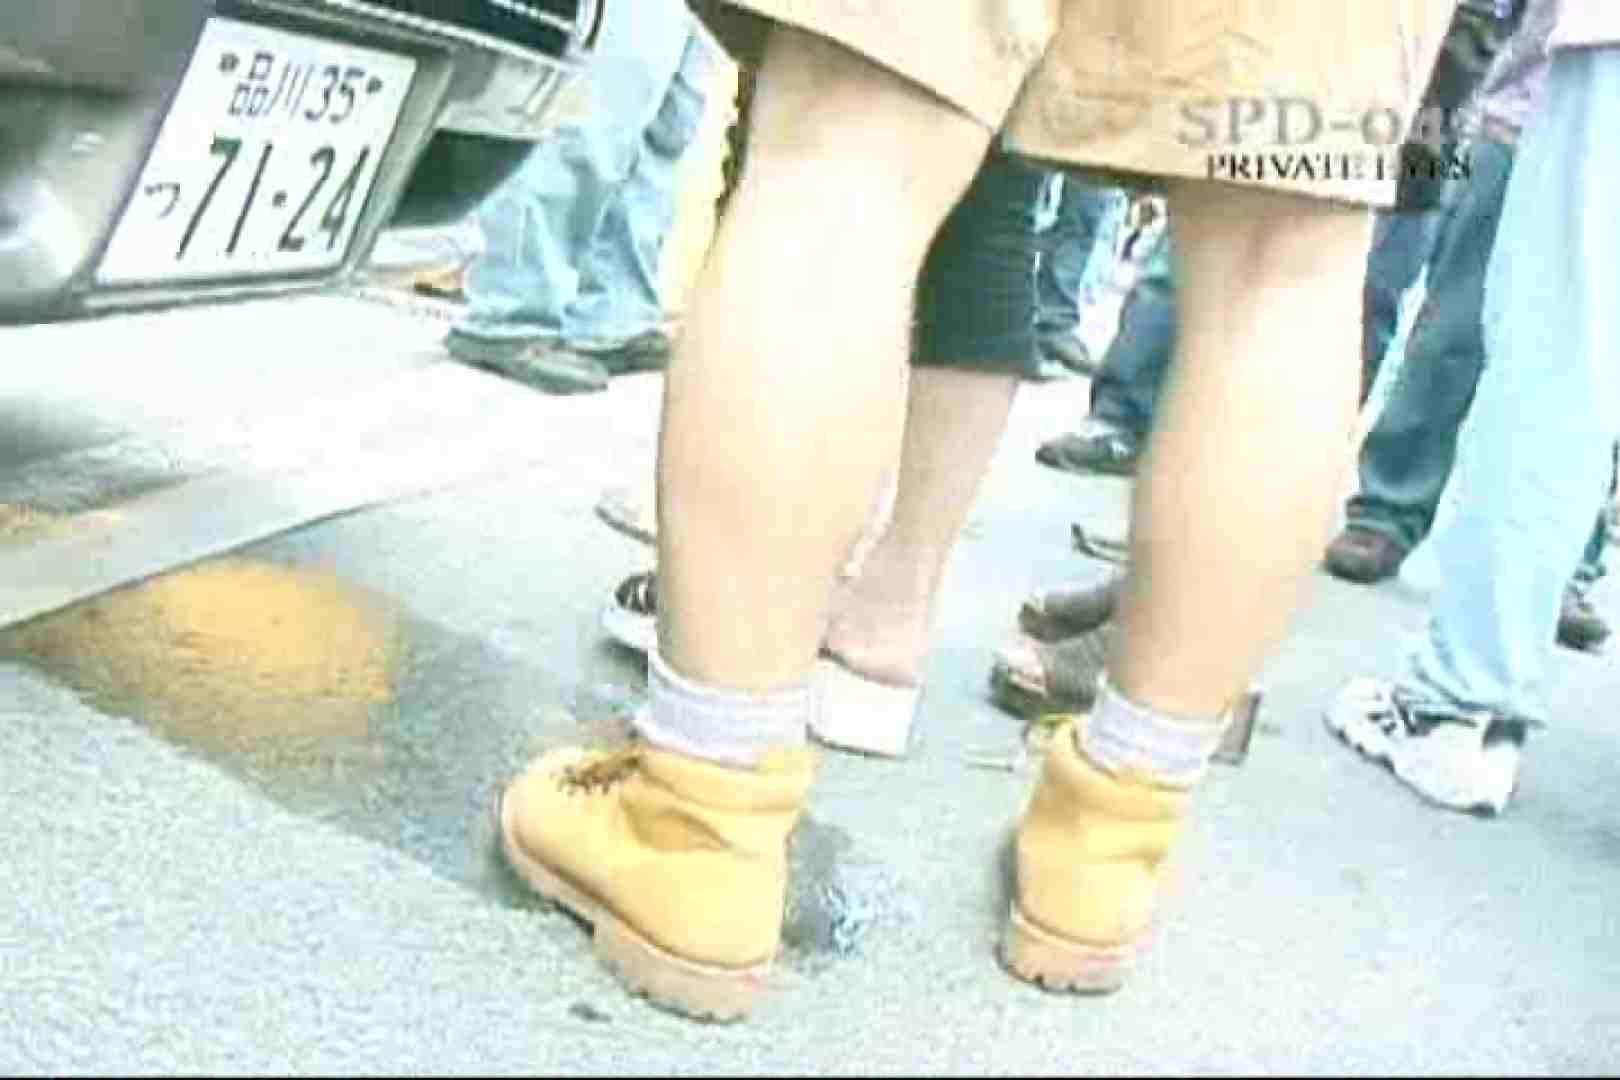 高画質版!SPD-049 サーキットの女神達 99'GT富士第5戦 プライベート  34Pix 30